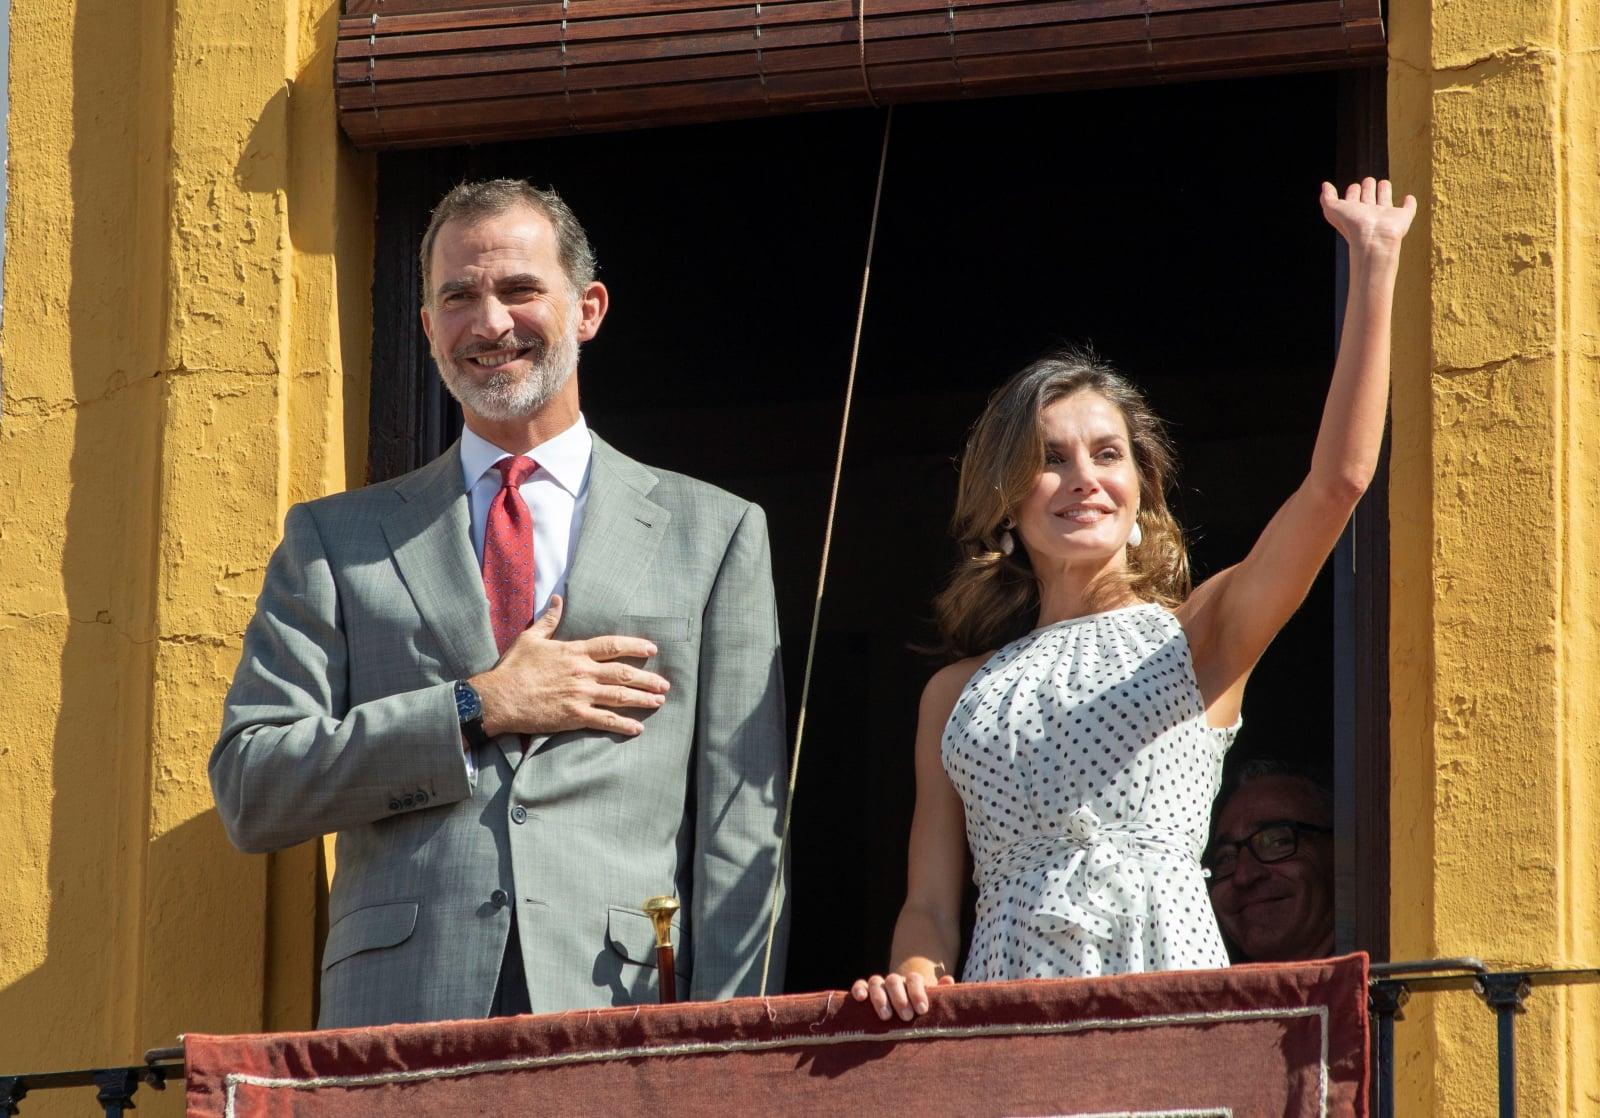 Król Hiszpanii Filip VI i królowa Letycja  podczas wizyty w Bailen z okazji 210. rocznicy bitwy pod Bailen w Jaen, południowa Hiszpania, fot. EPA/Jose Manuel Pedrosa